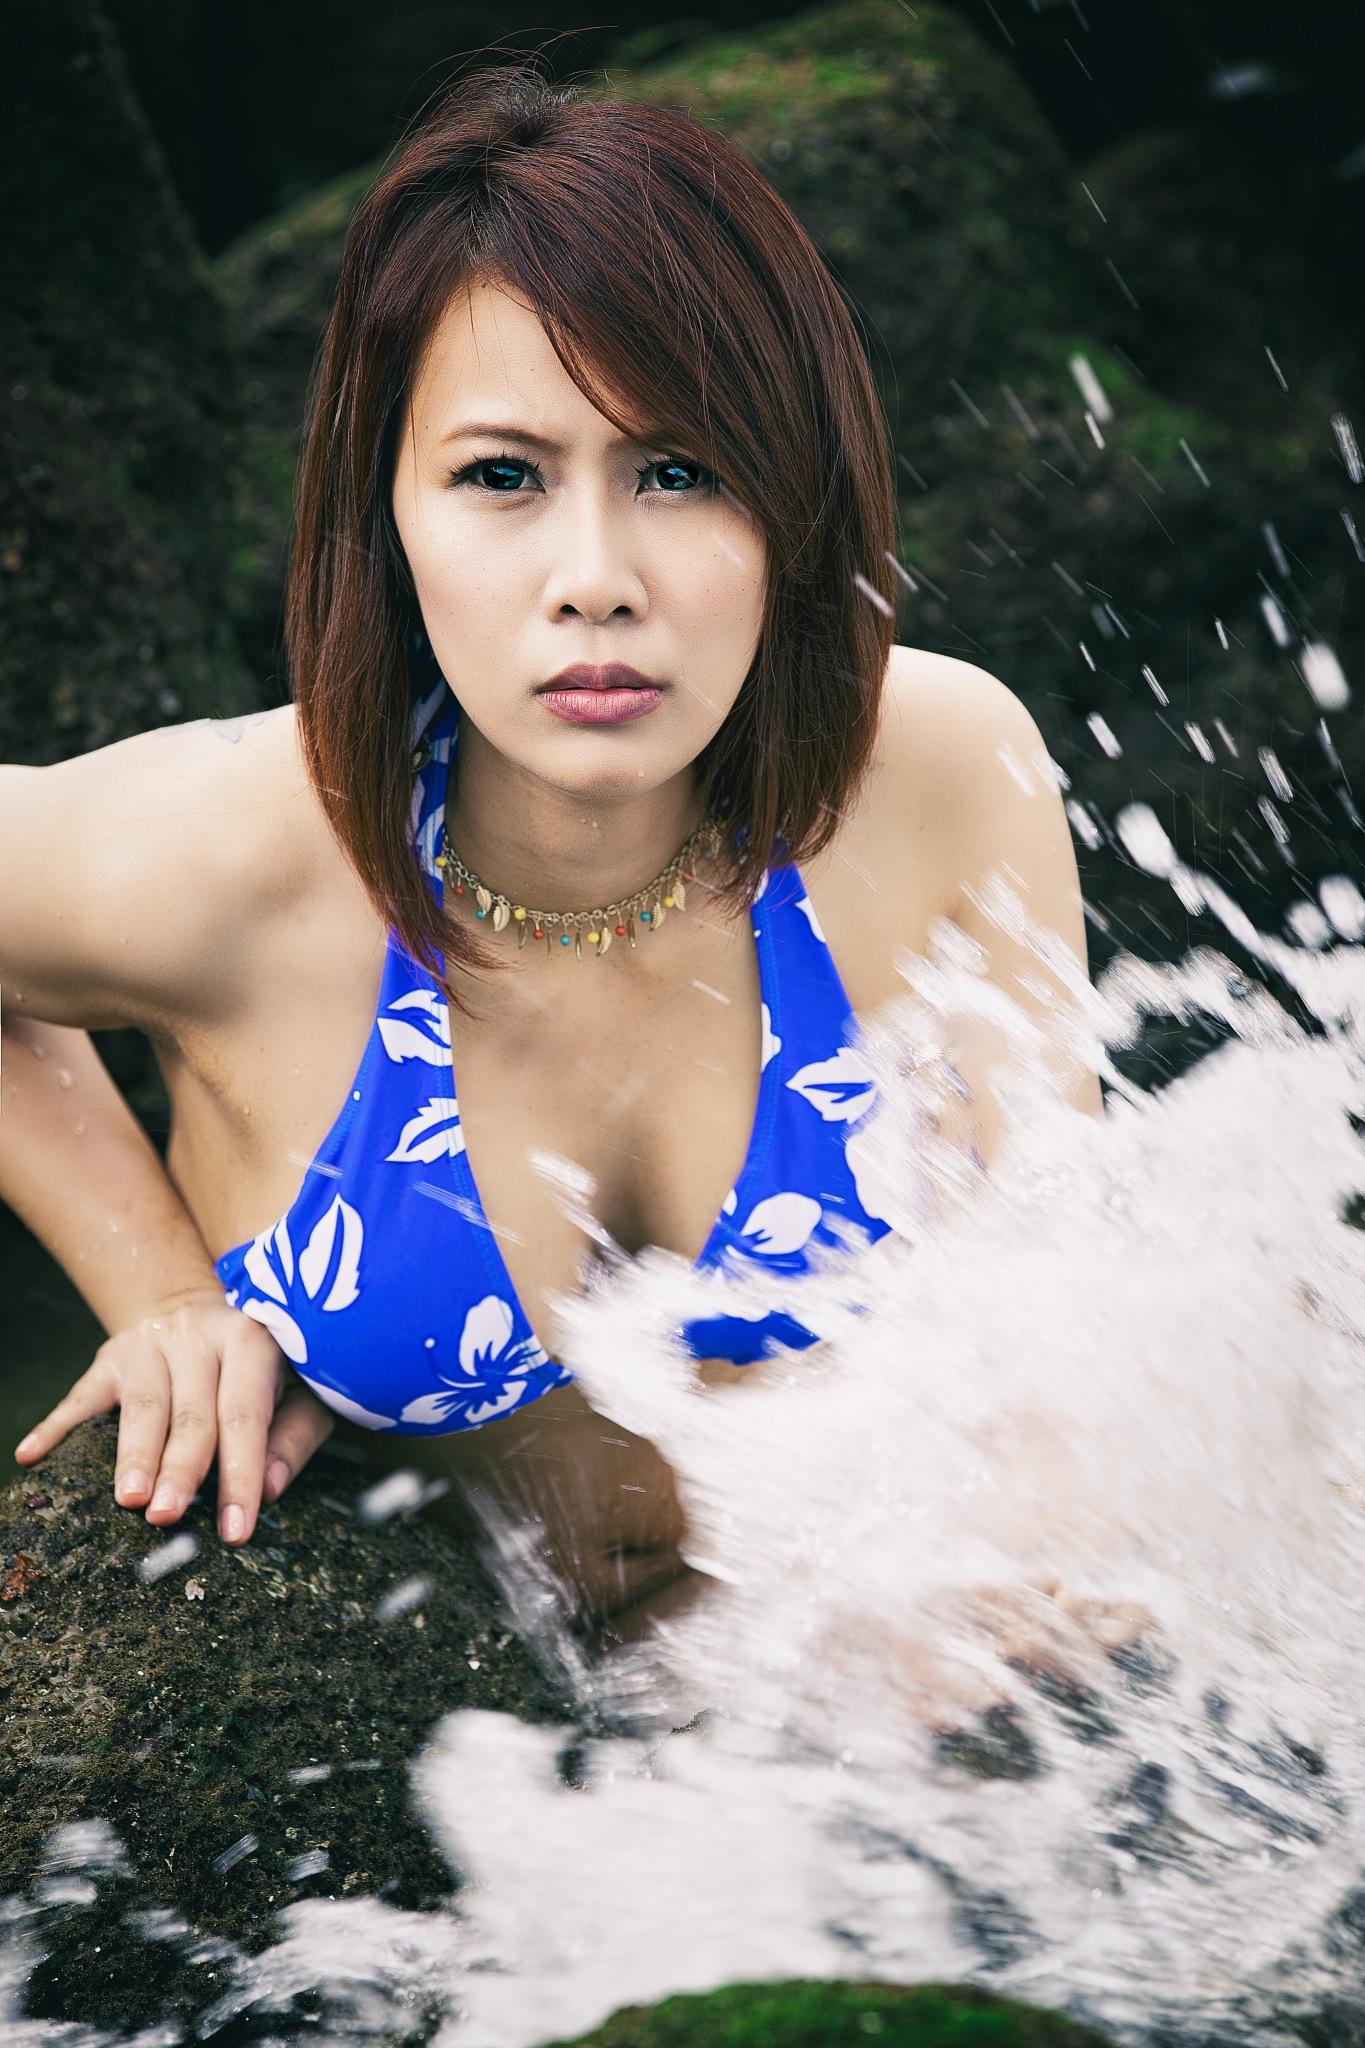 Splash by EVPเดวิด